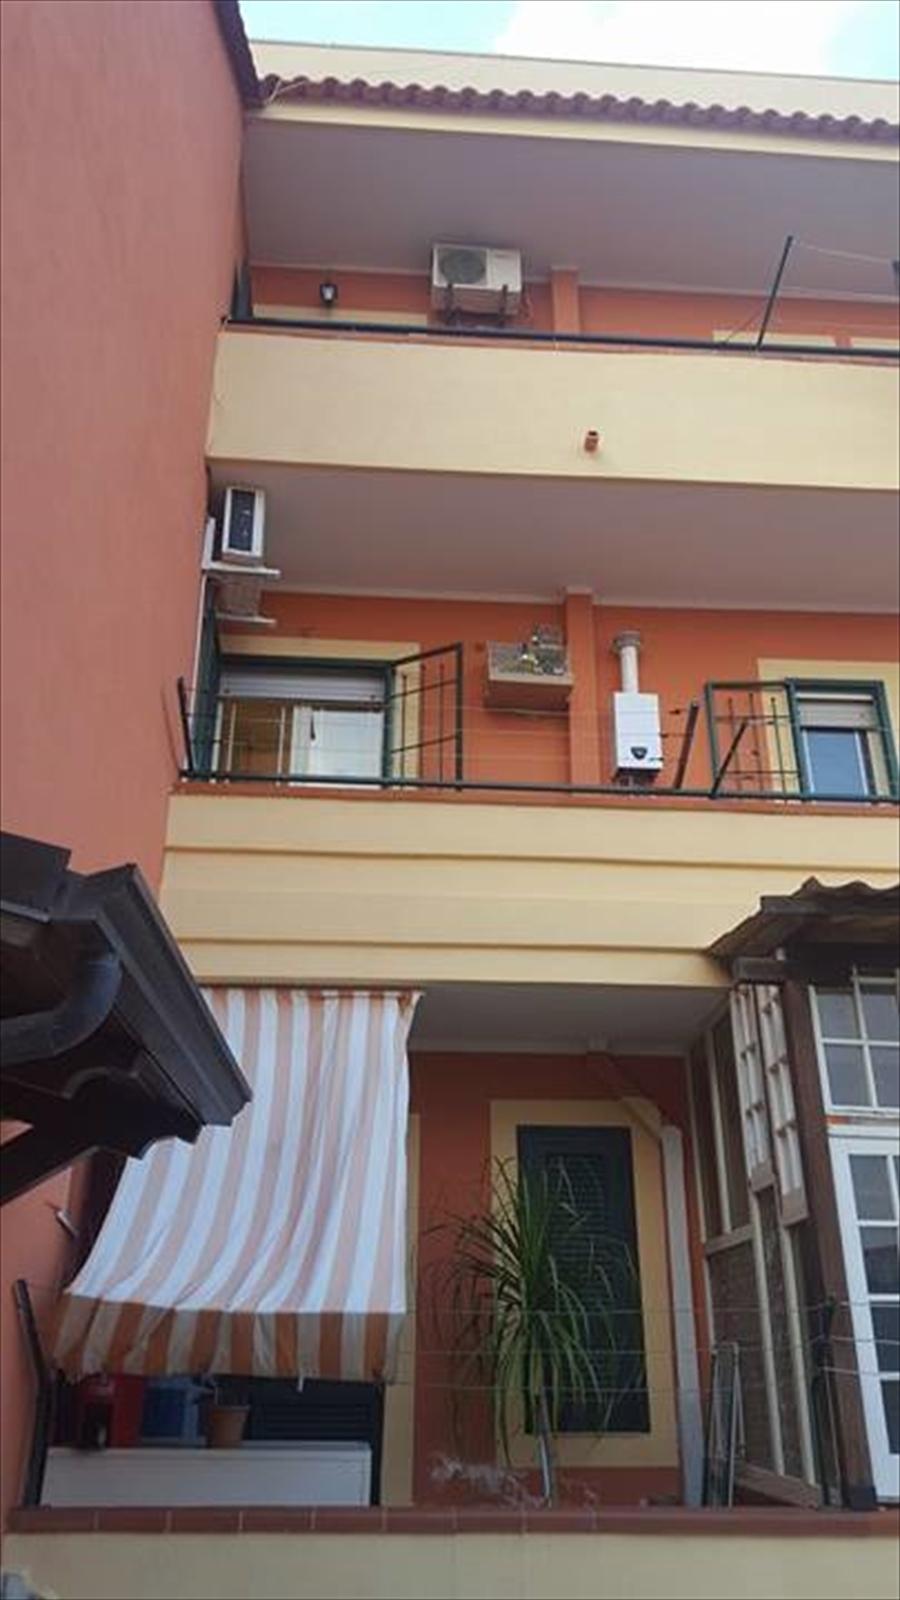 Palazzo / Stabile in vendita a Giugliano in Campania, 5 locali, prezzo € 340.000 | CambioCasa.it